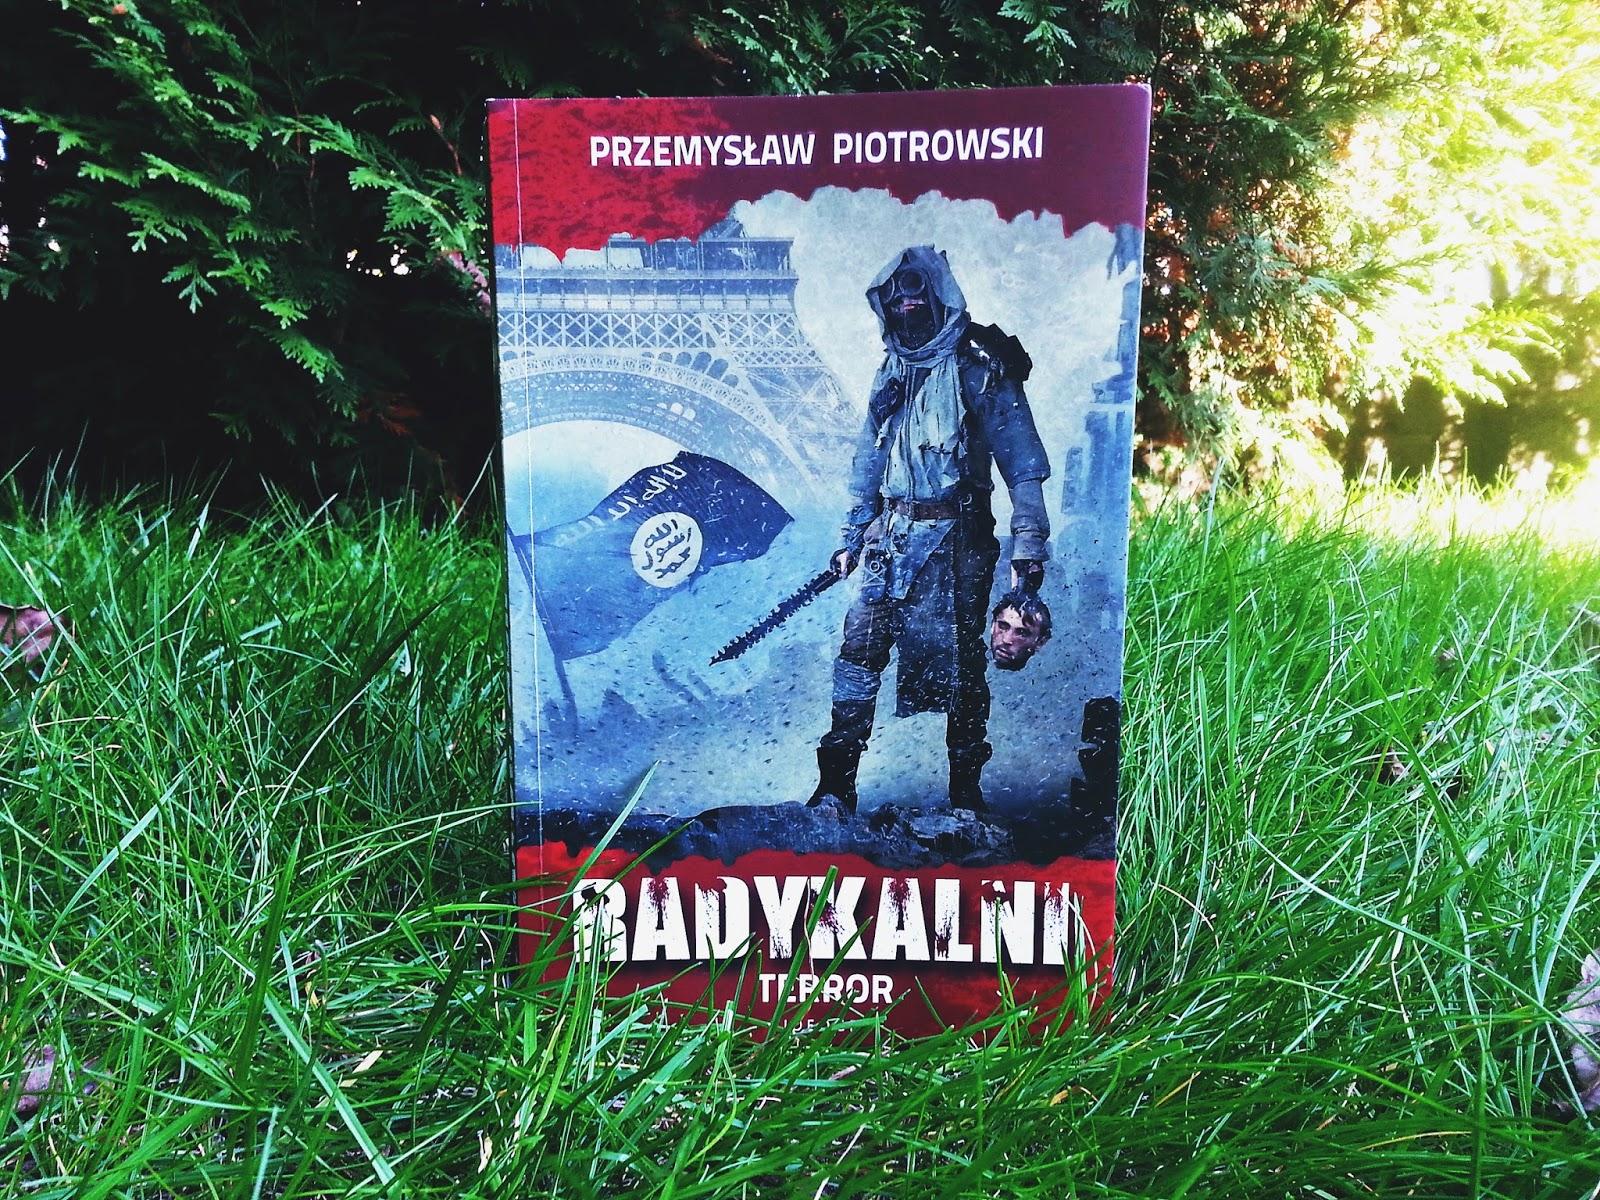 Radykalni Terror, Przemysław Piotrowski, książka, recenzja, Wydawnictwo Videograf